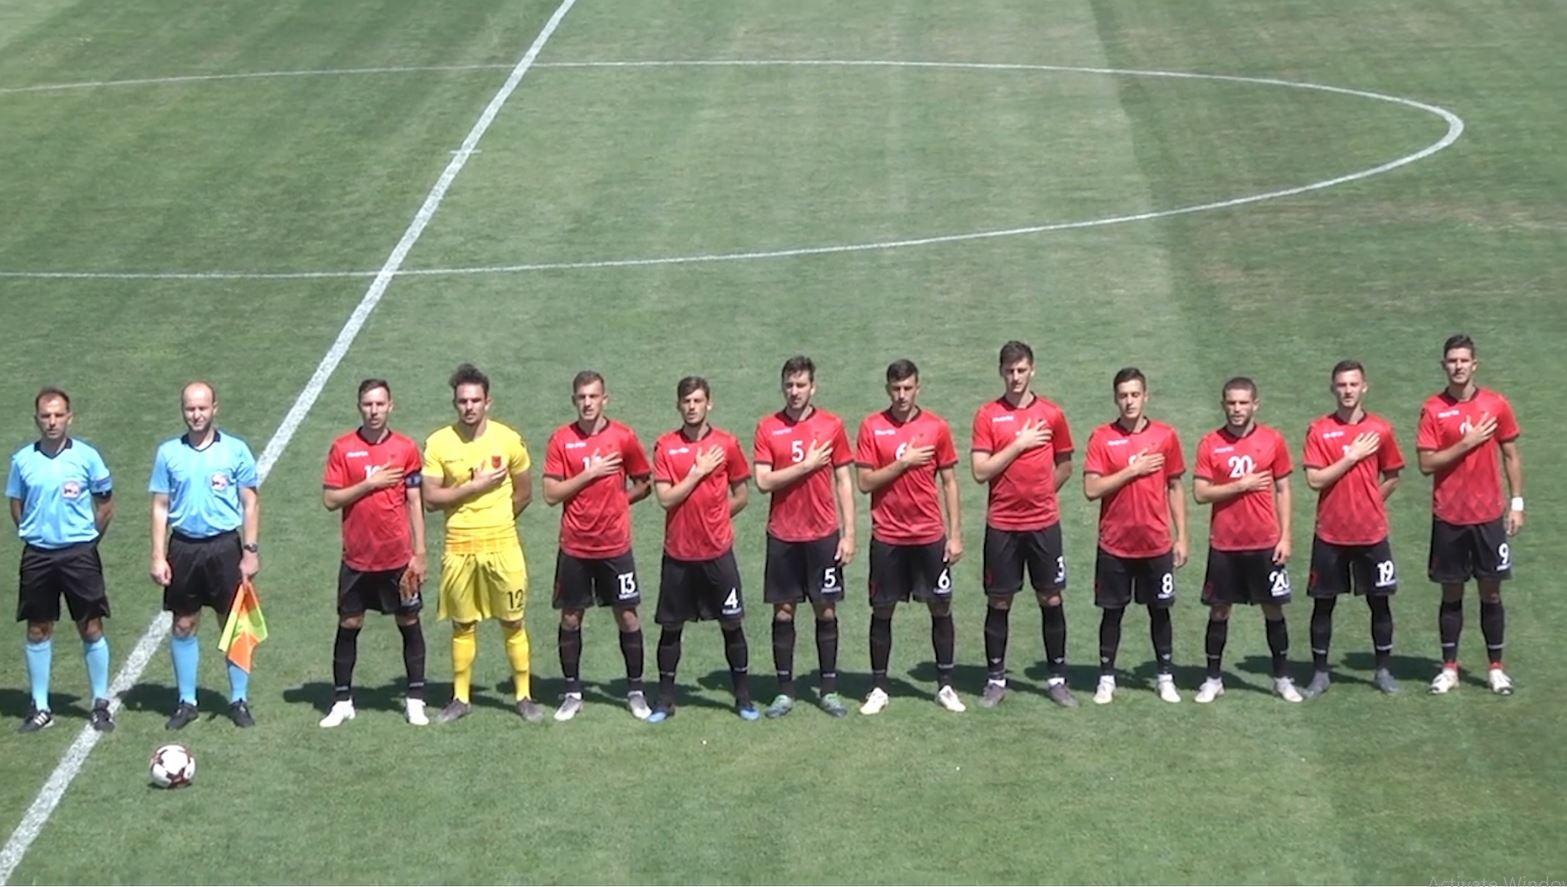 Shqipëria U21 kënaq trajnerin Bushi pas fitores në Turqi